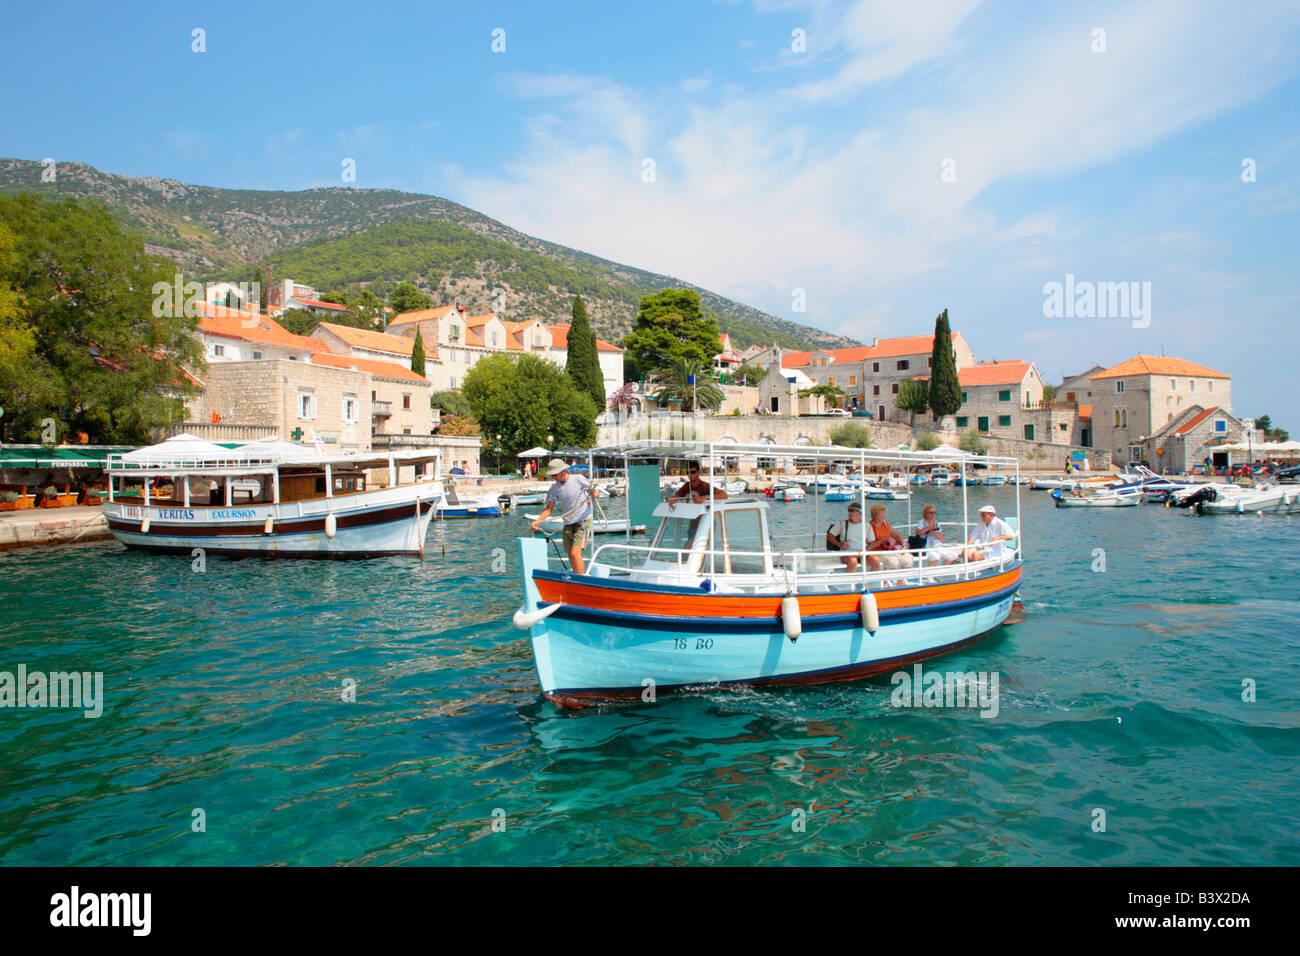 Port de Bol sur l'île de Brac, République de Croatie, l'Europe de l'Est Photo Stock